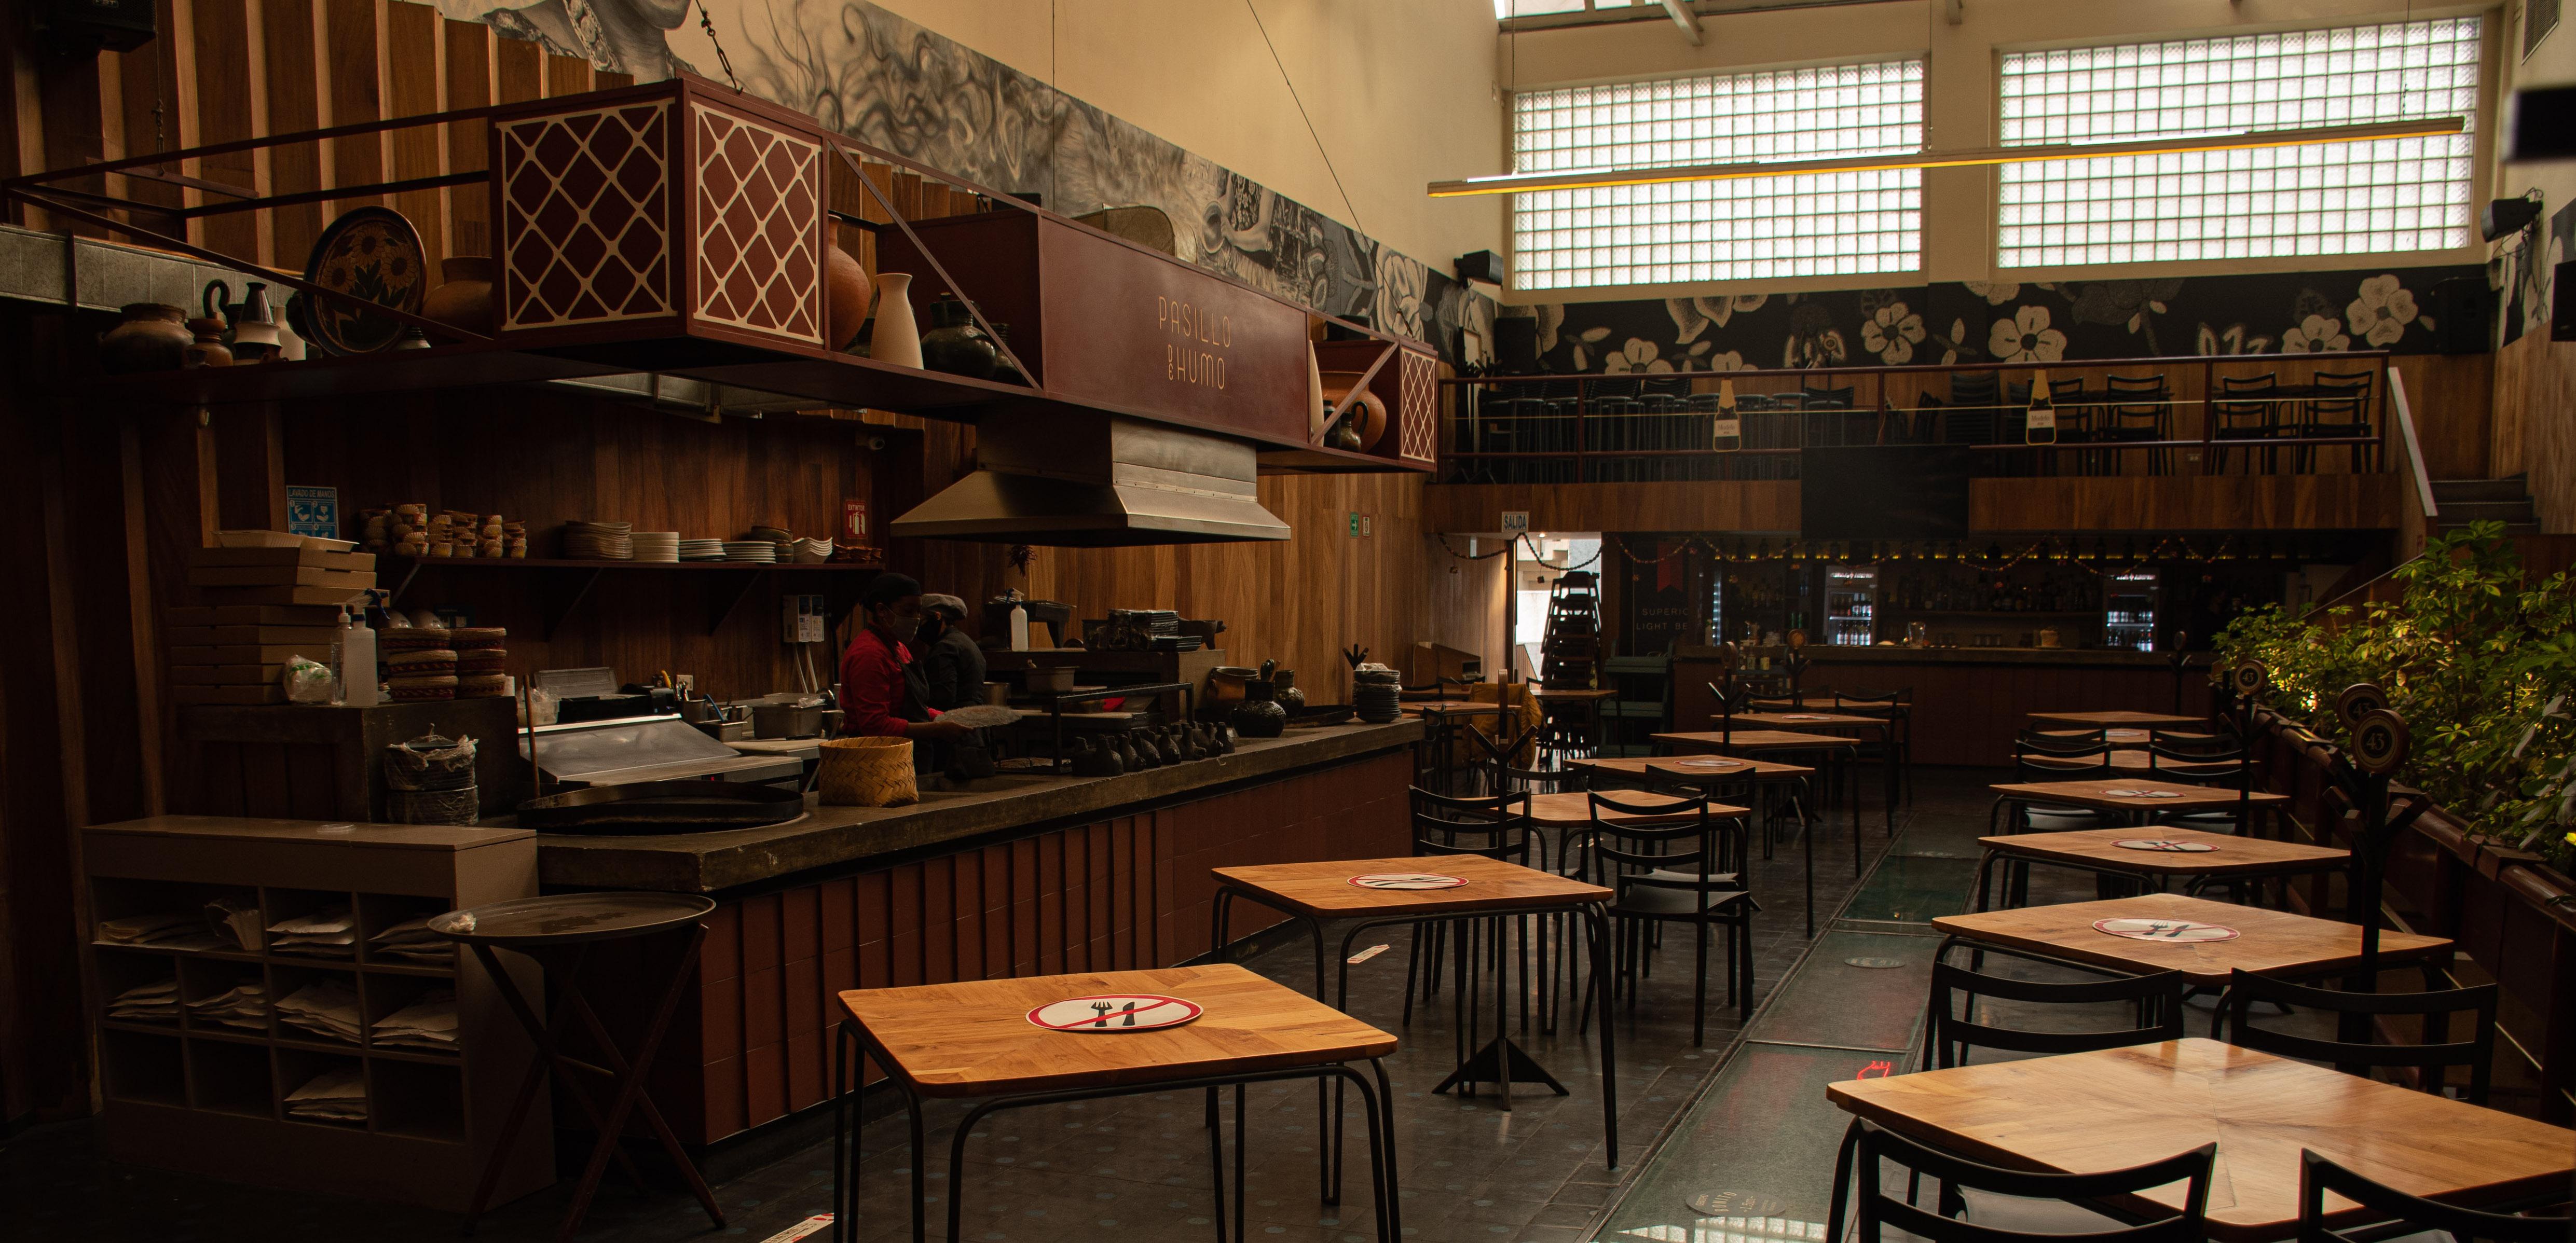 Protesta restaurantera: cacerolazos y reapertura sin permiso #AbrirOMorir